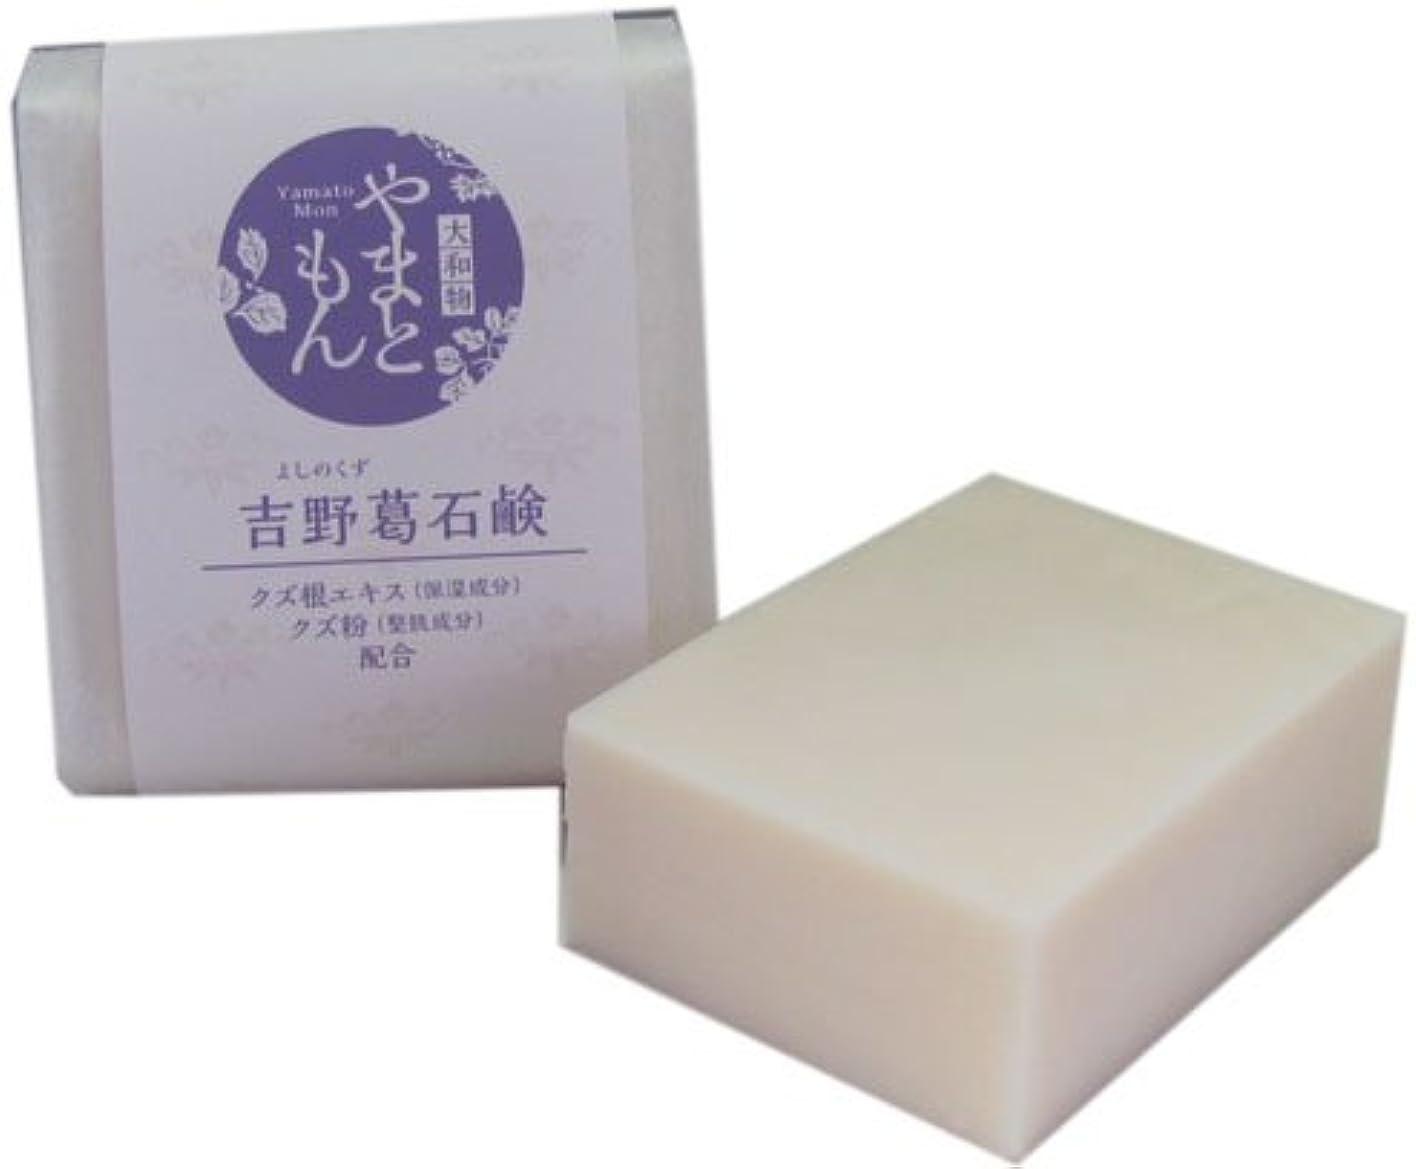 余暇めるコントローラ奈良産和漢生薬エキス使用やまともん化粧品 吉野葛石鹸(よしのくずせっけん)